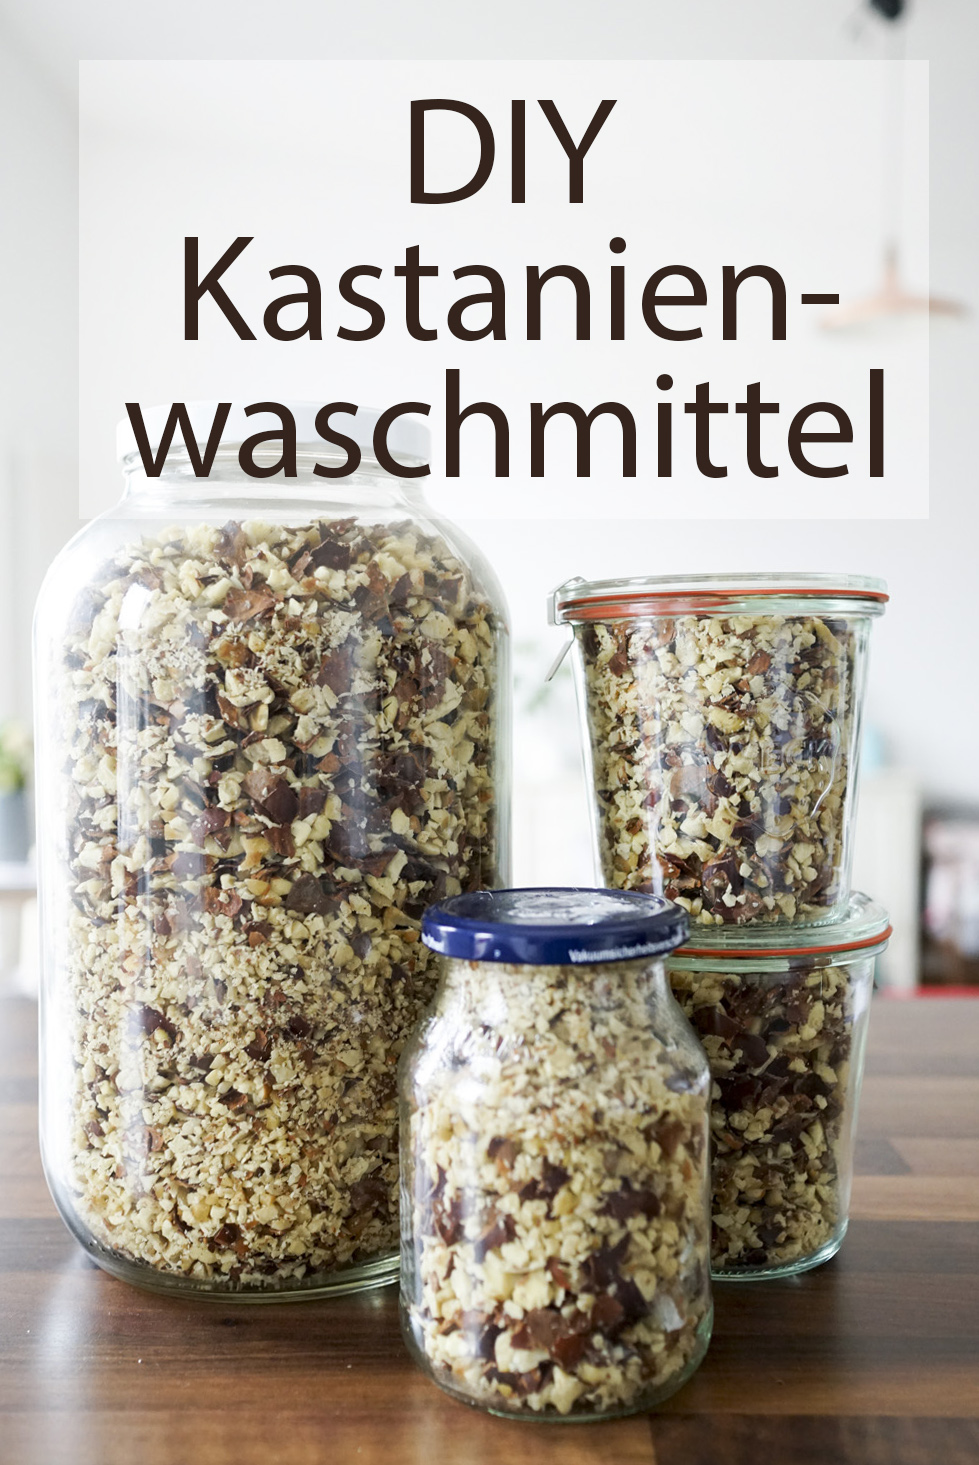 Kastanienwaschmittel_DIY_10_text